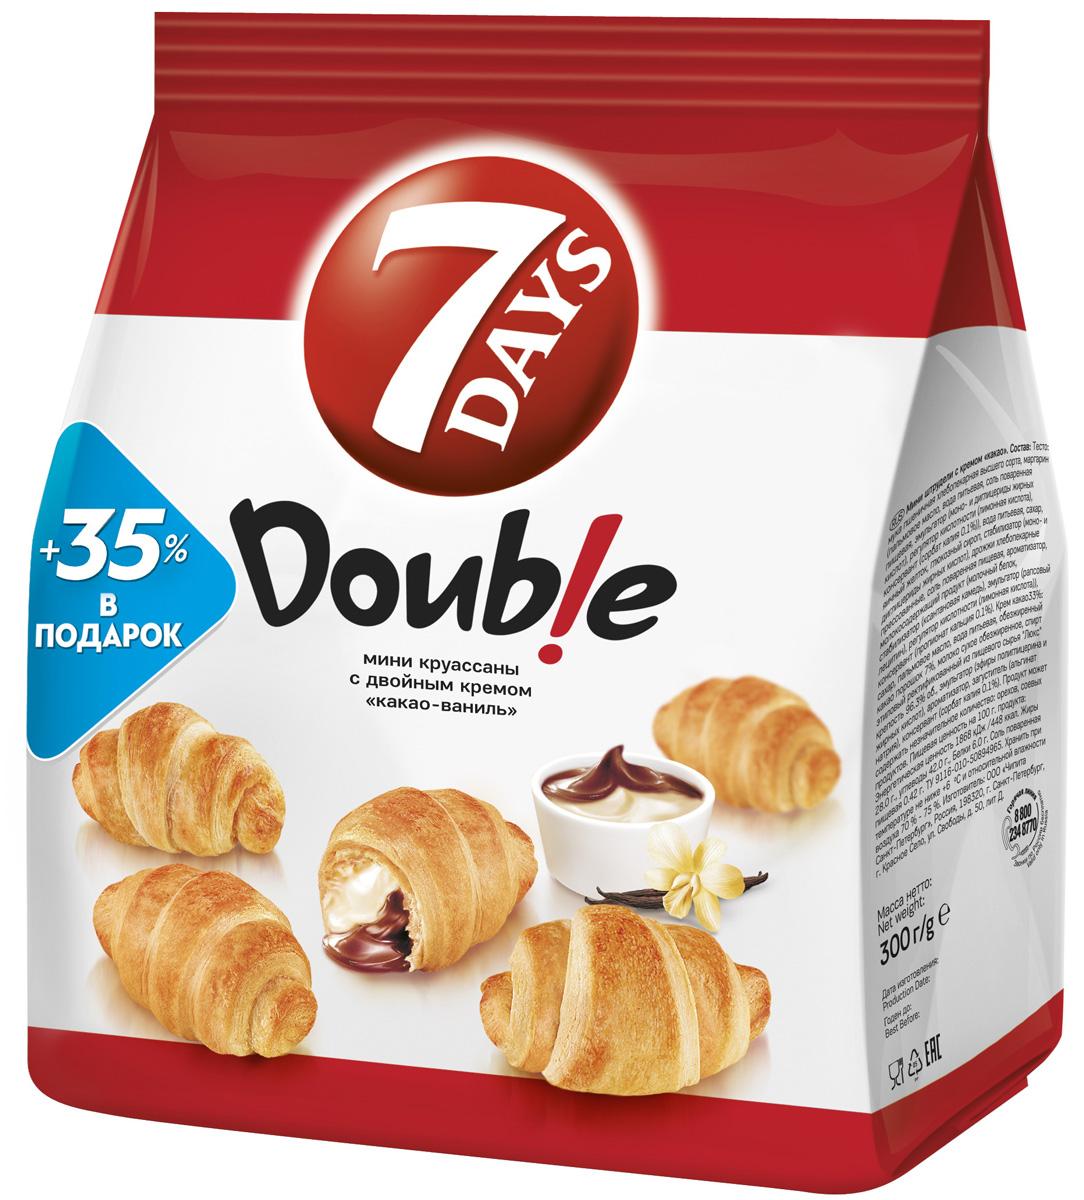 7DAYS Double! Мини-круассаны с двойным кремом Какао-Ваниль, 300 г